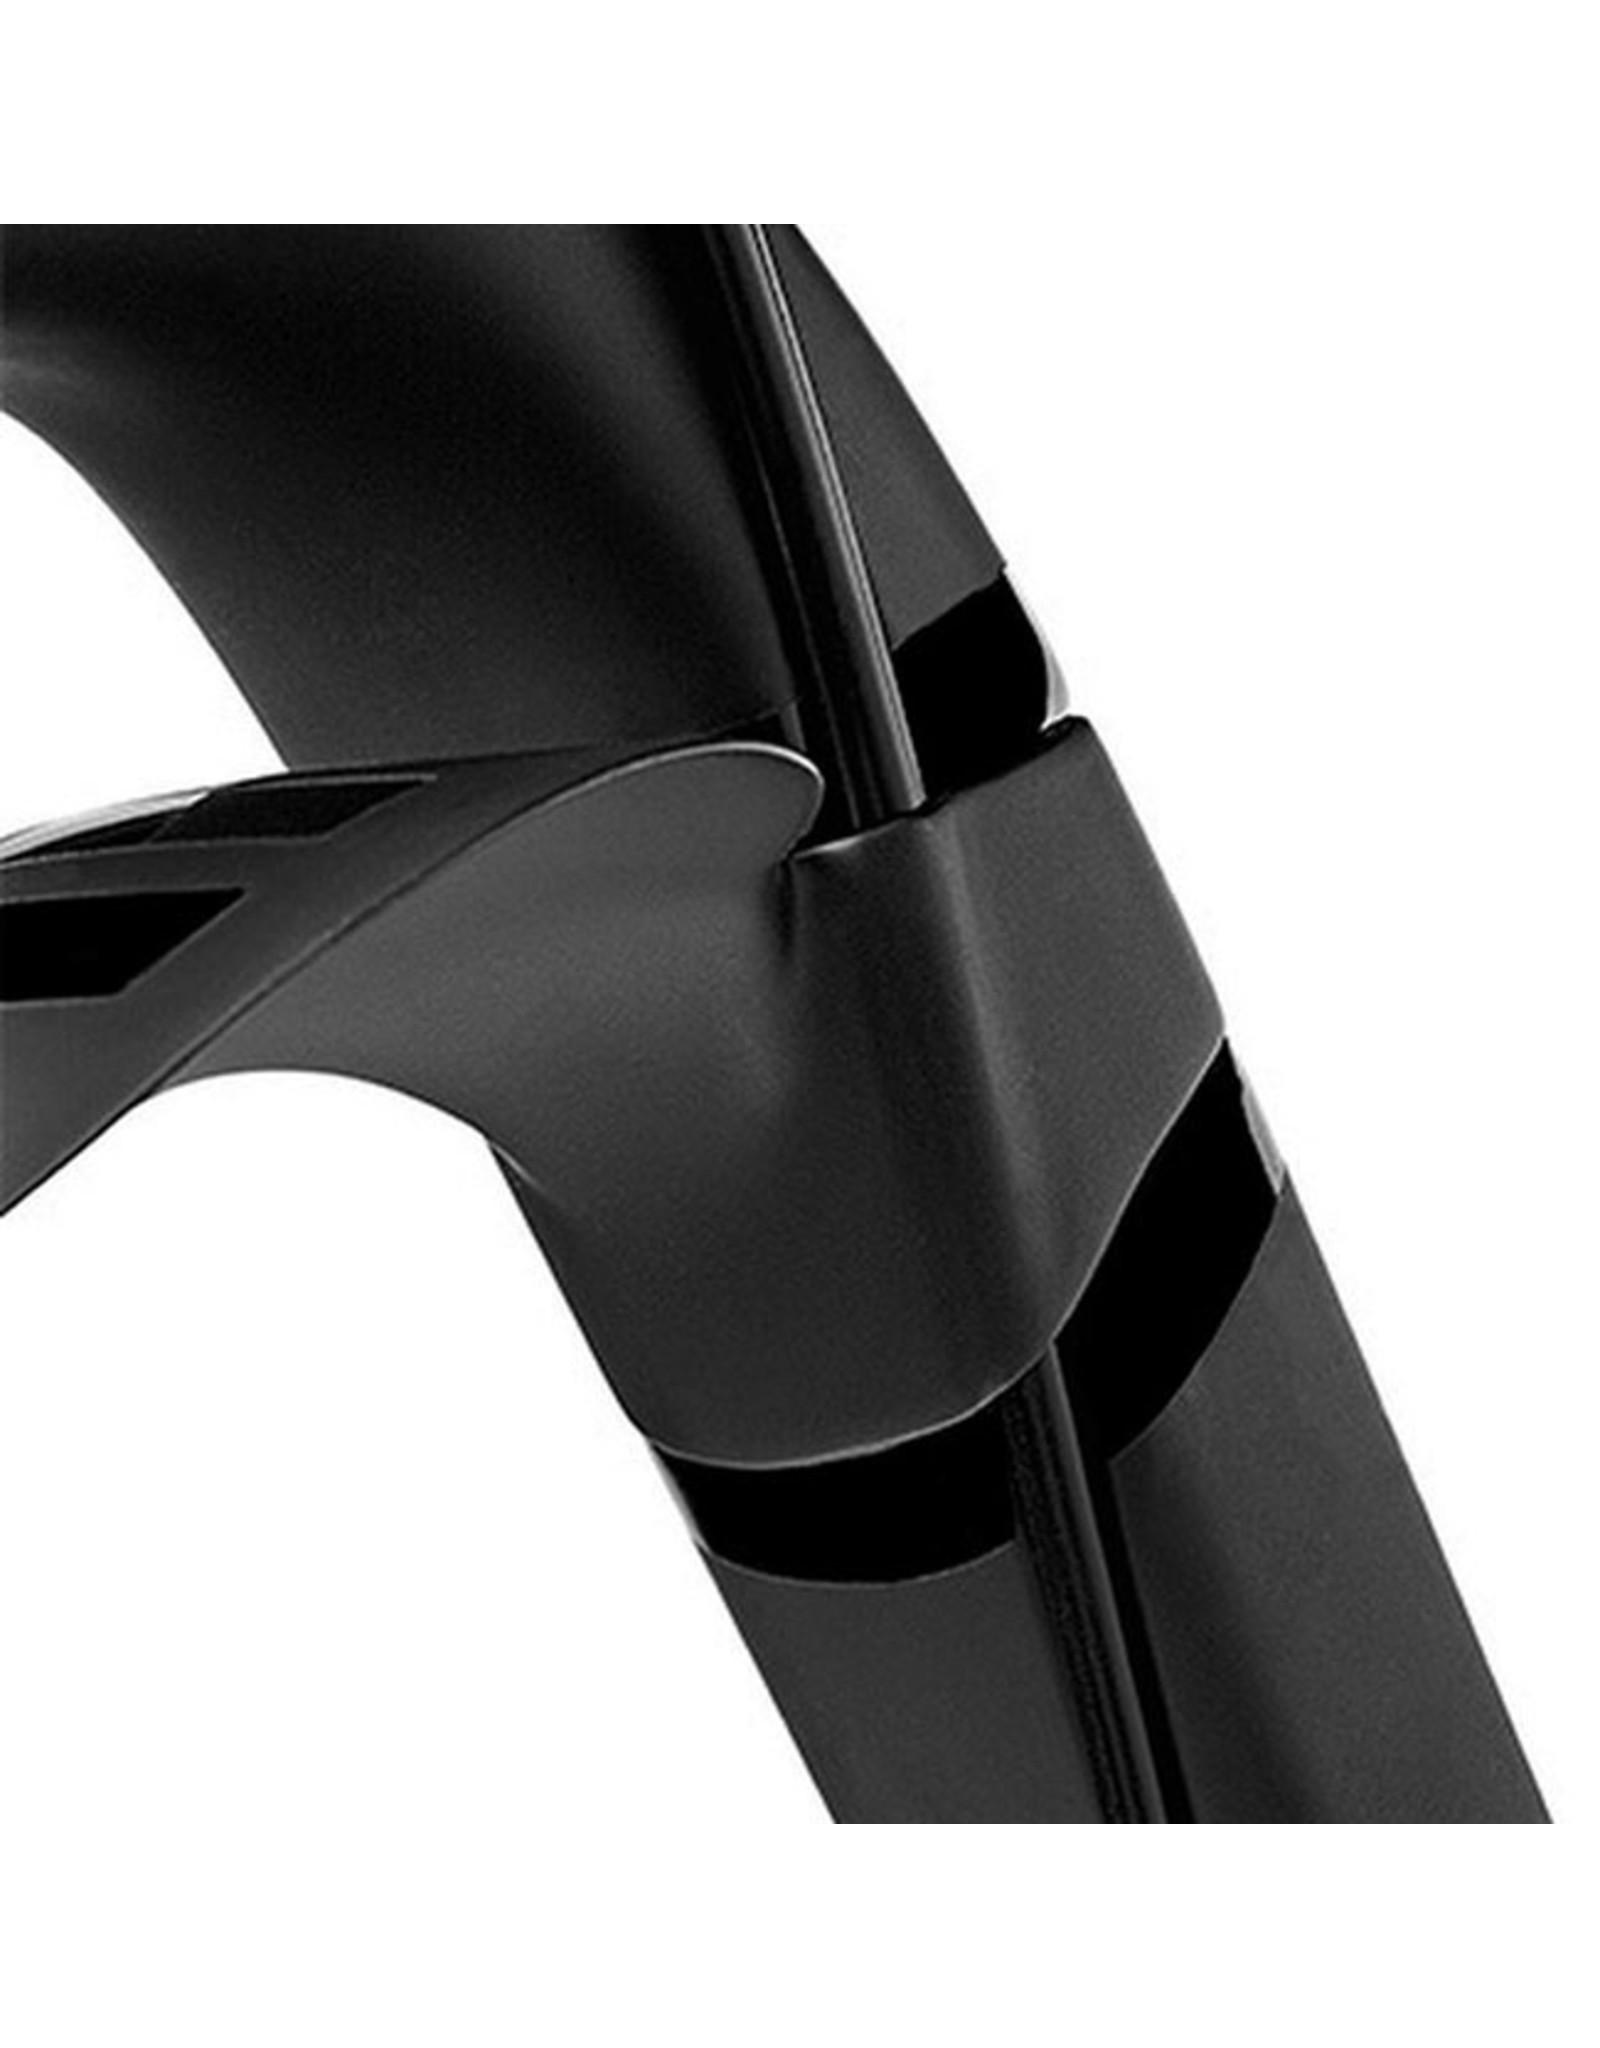 ENVE Composites ENVE Carbon Mountain Fork